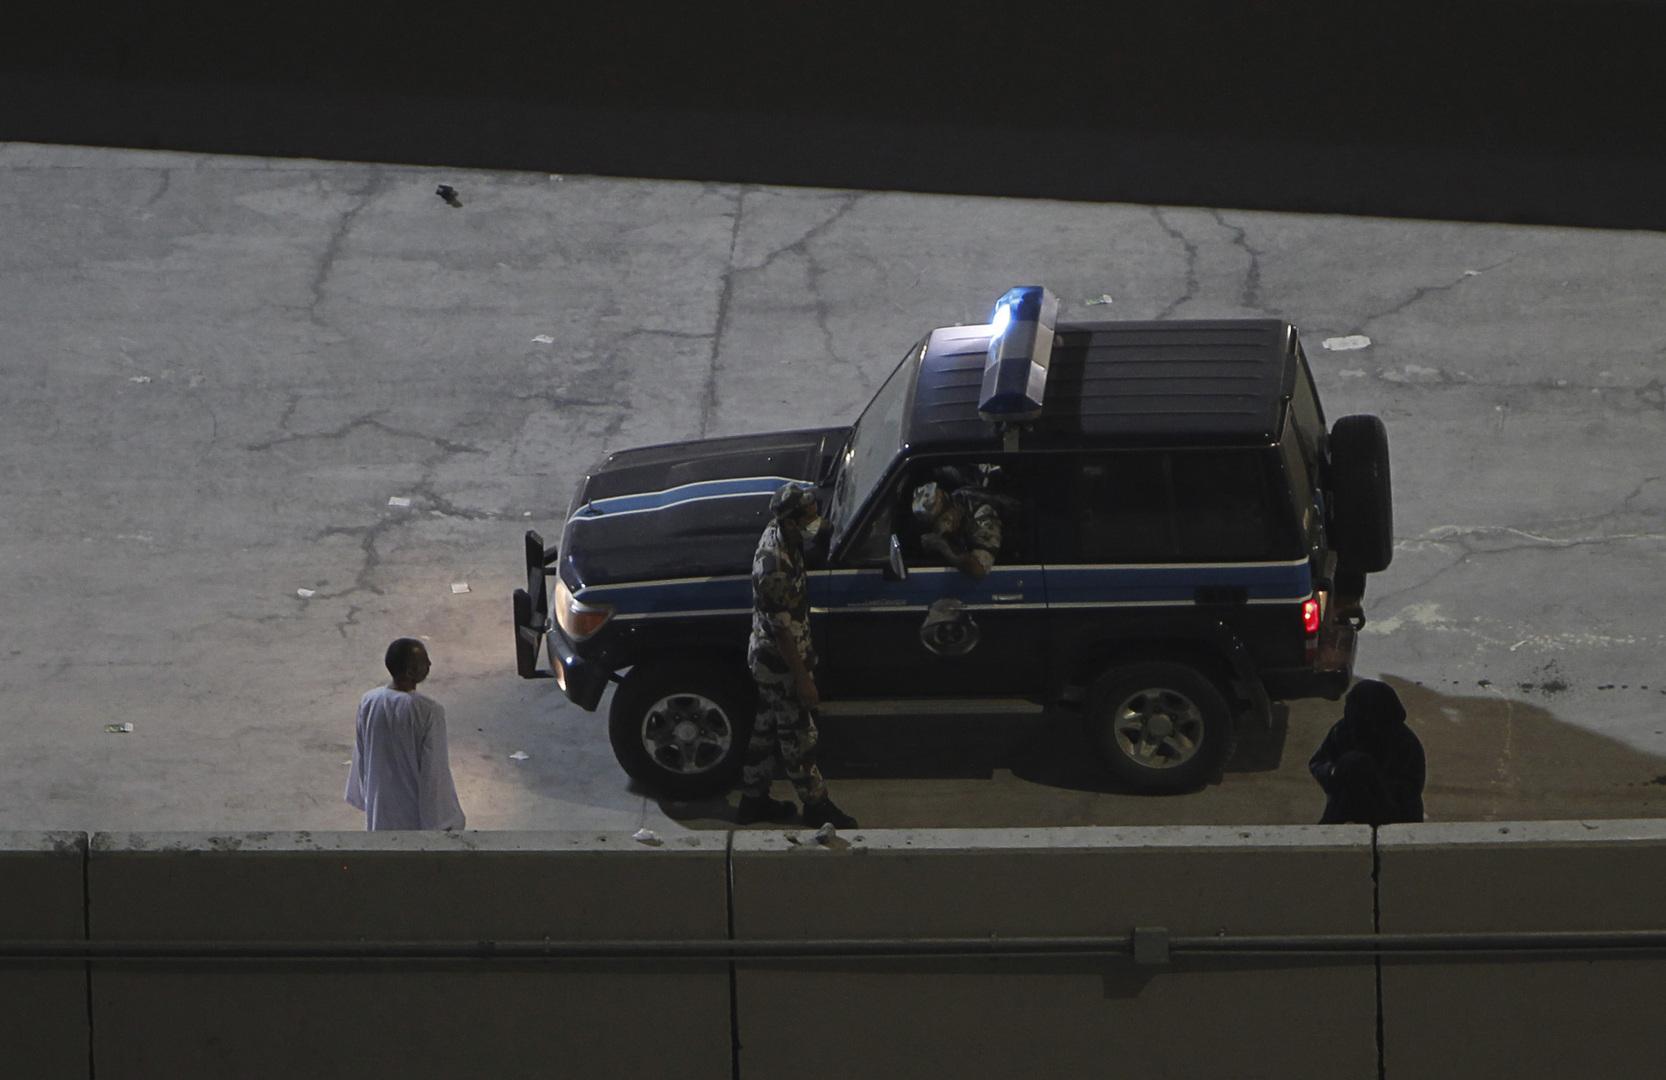 الشرطة المصرية تحبط محاولة تهريب 3060 طربة حشيش